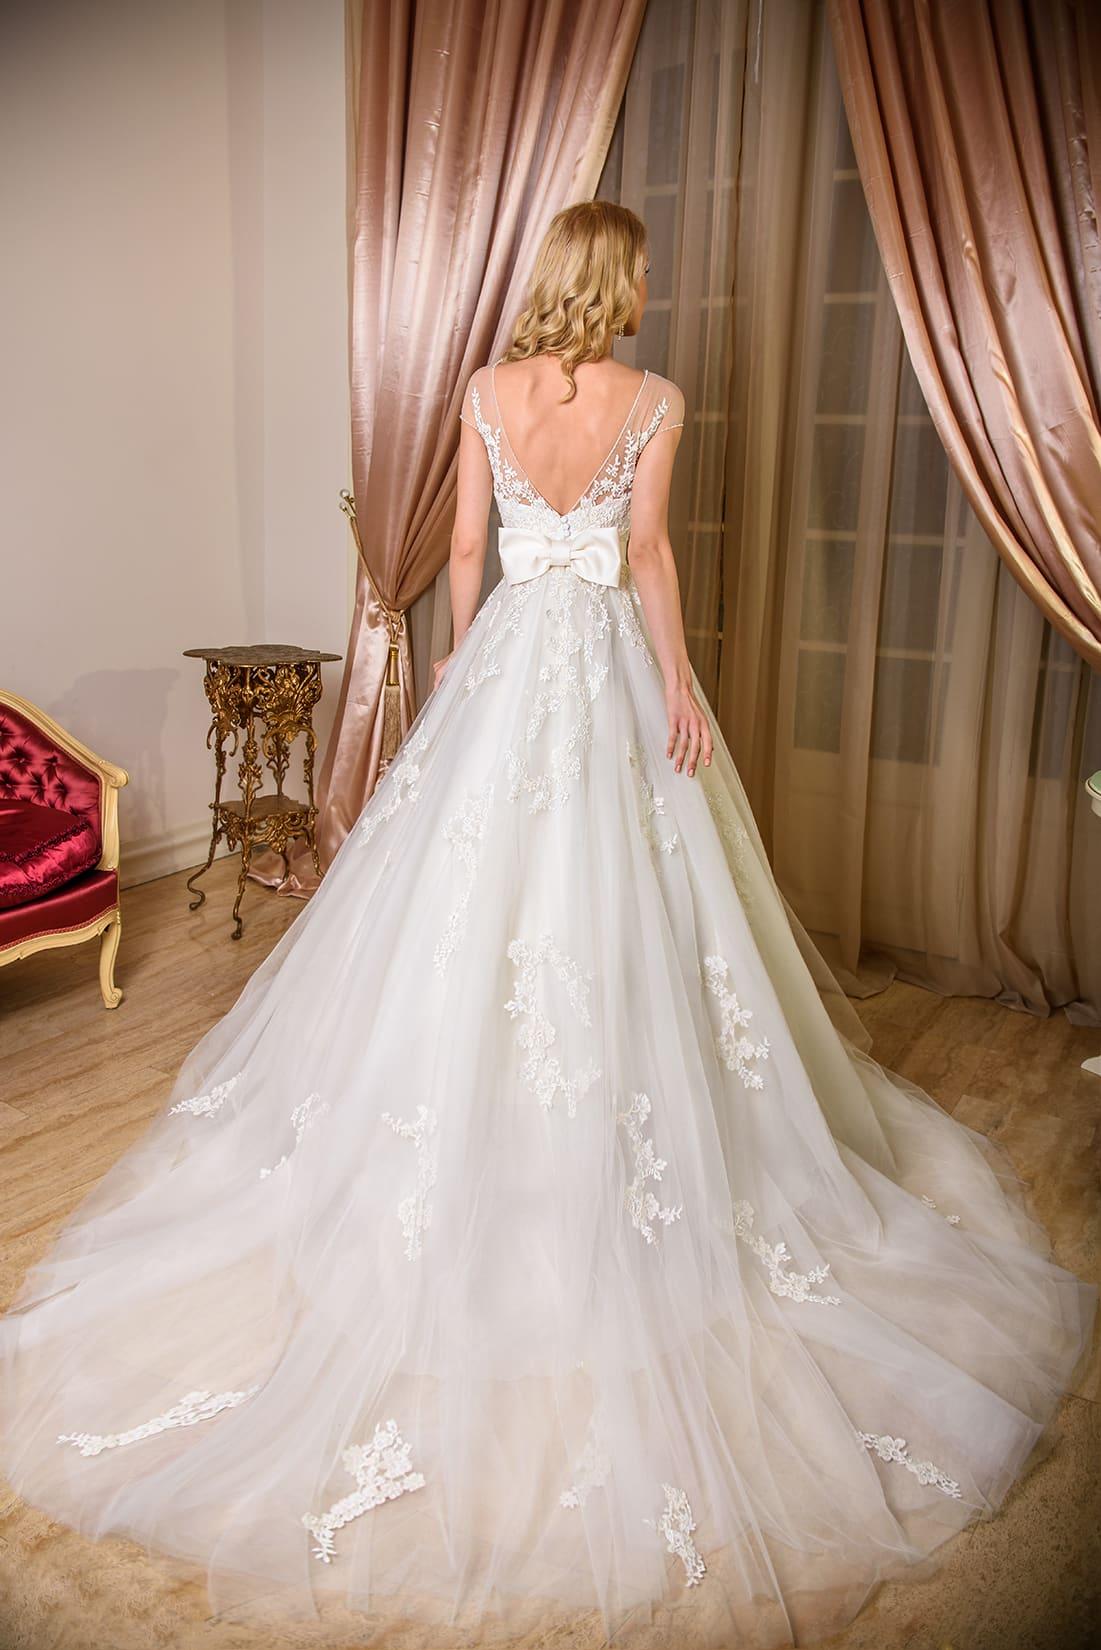 Nikita Model - Colectia Baroque - Adora Sposa (2)